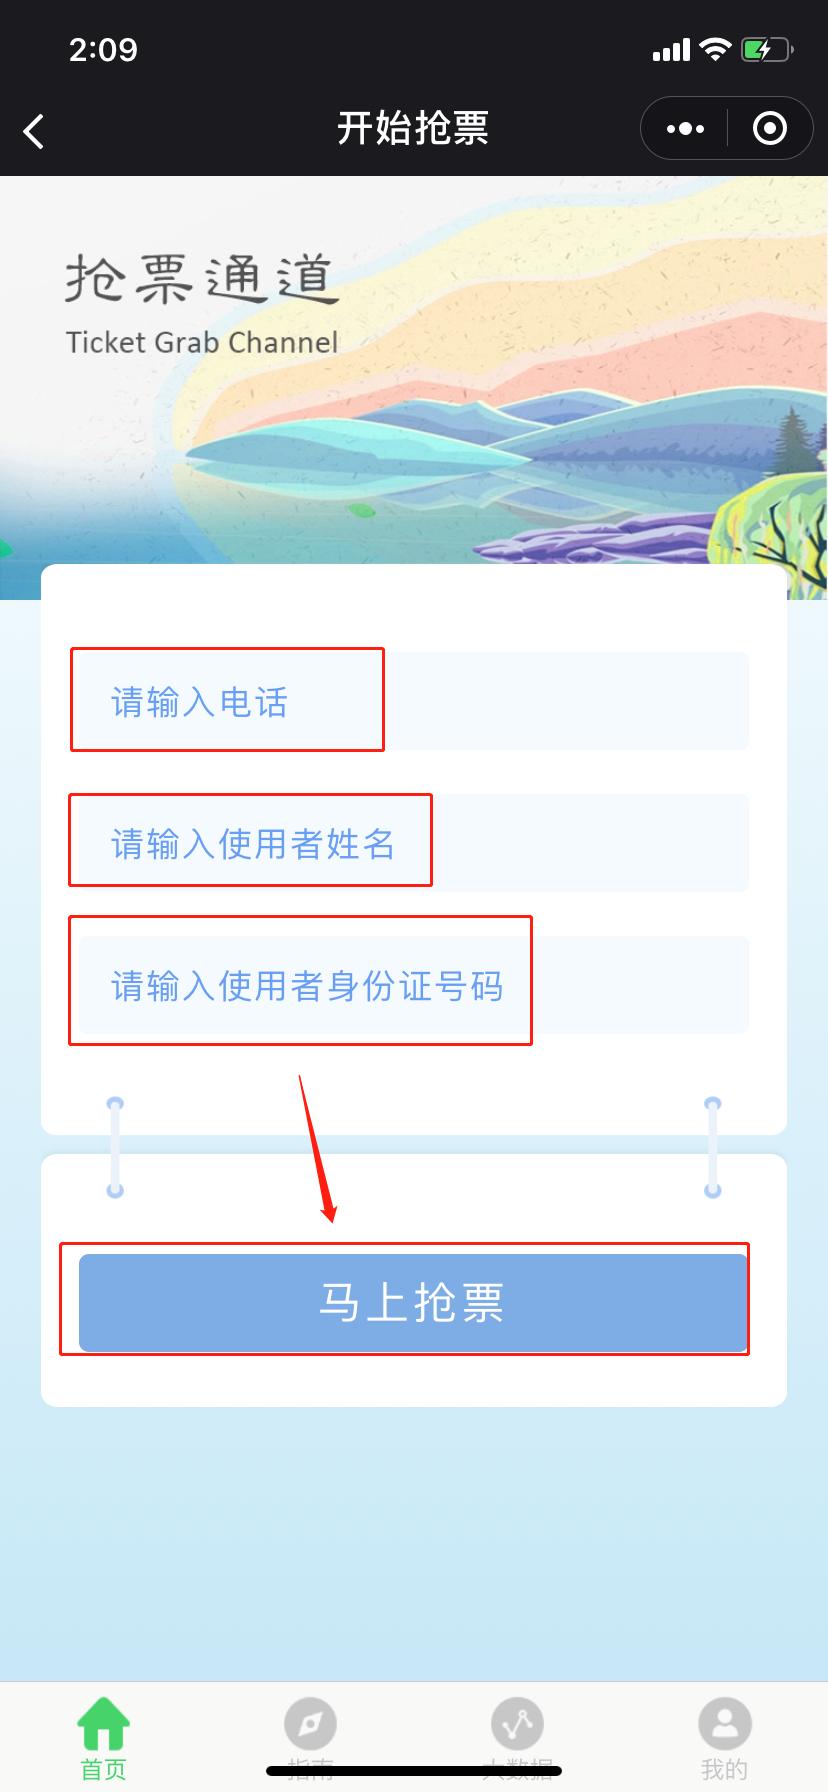 2019年三八妇女节都江堰景区免费门票预约攻略